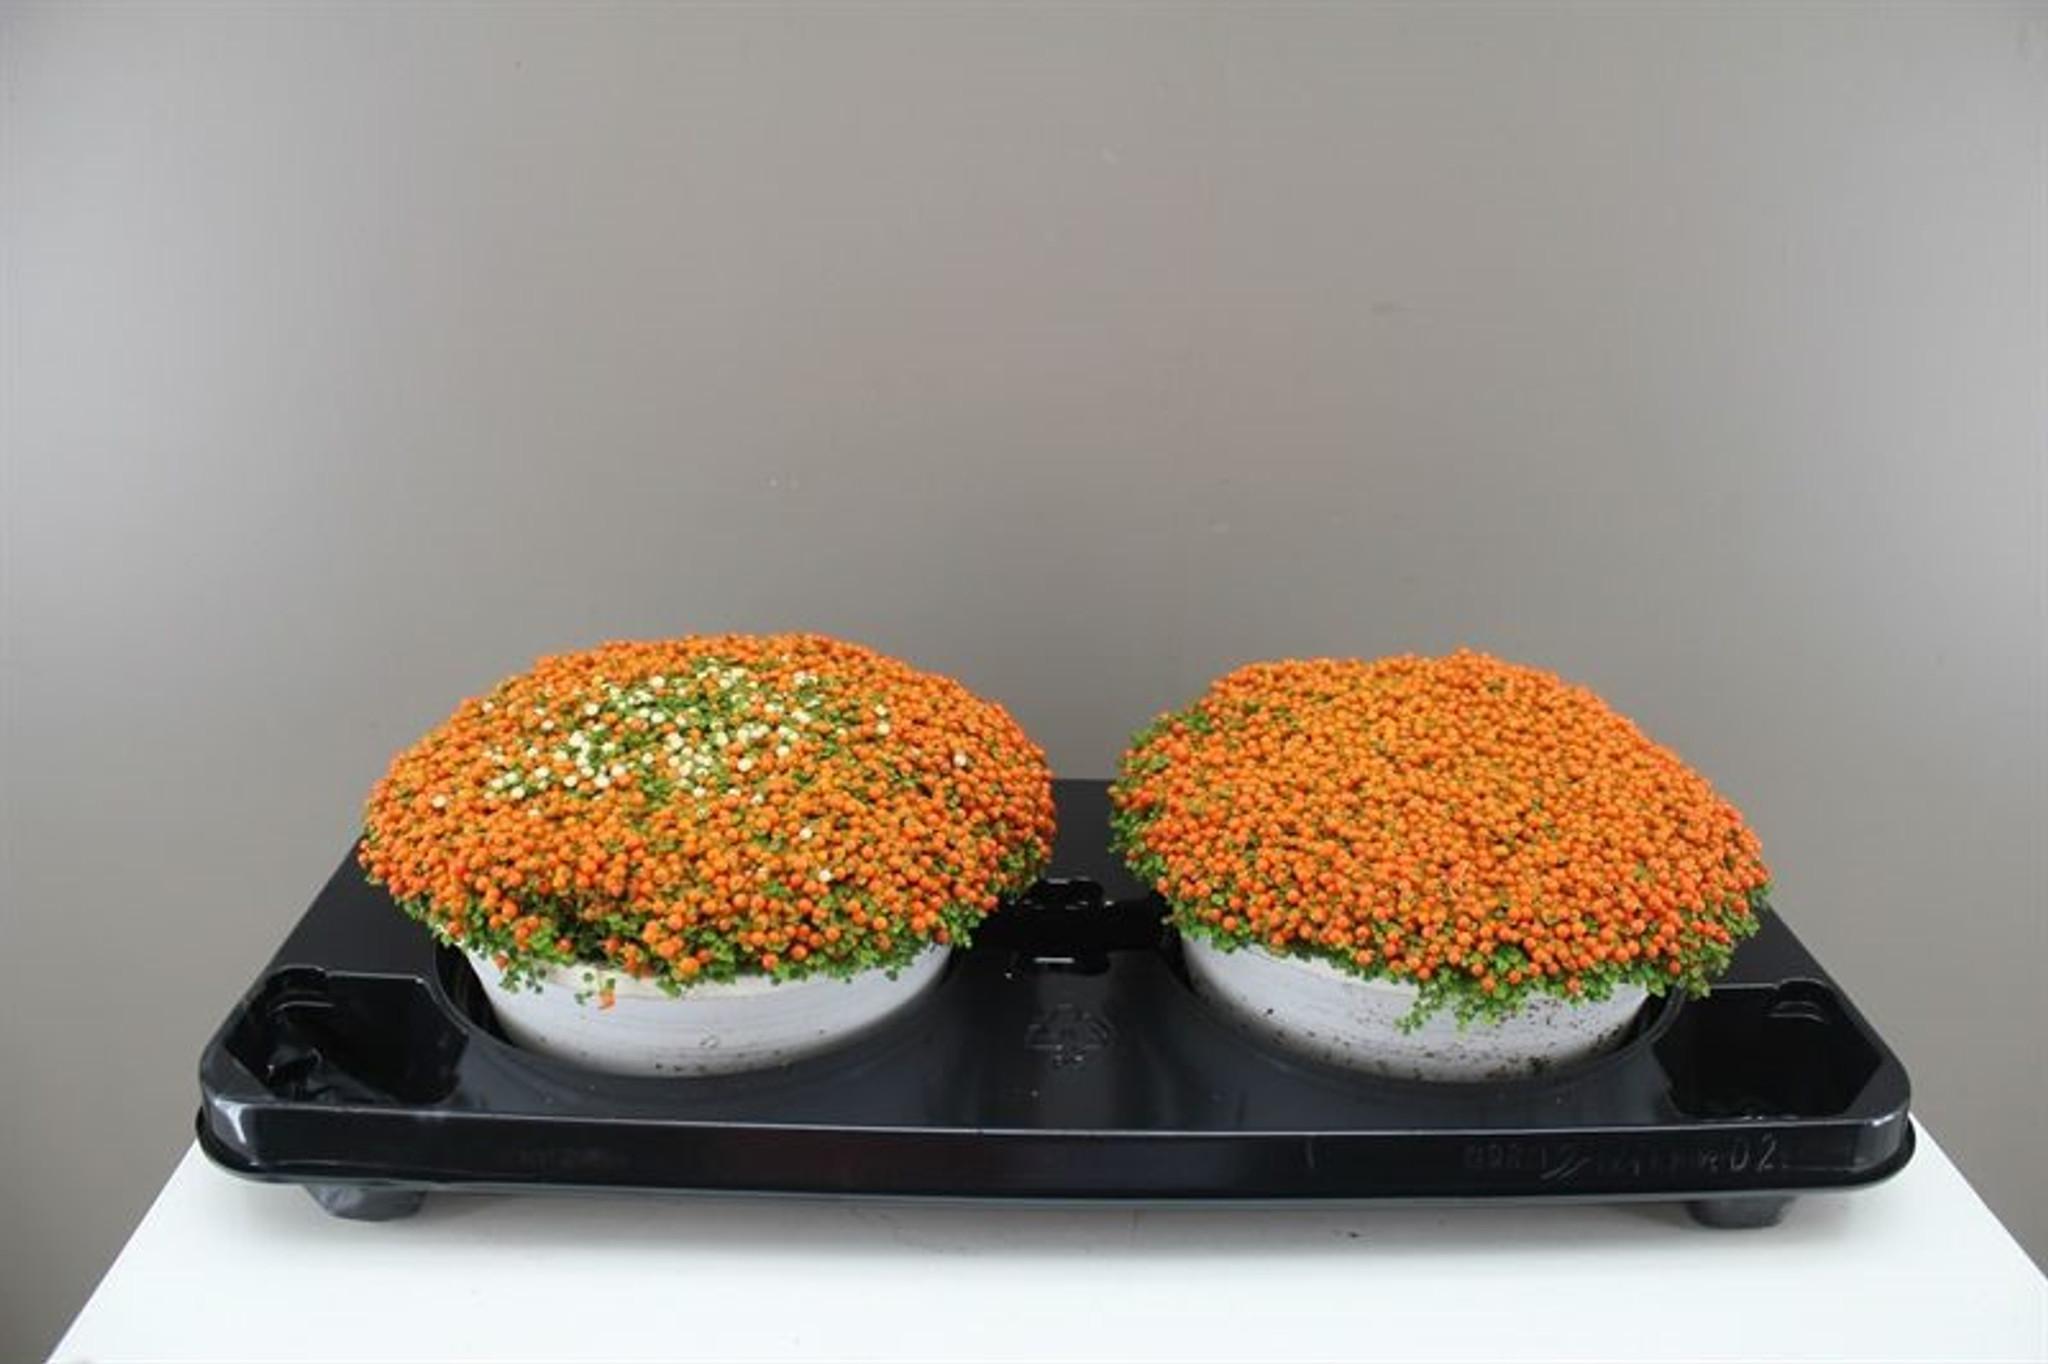 Pair of Orange Bead Plants